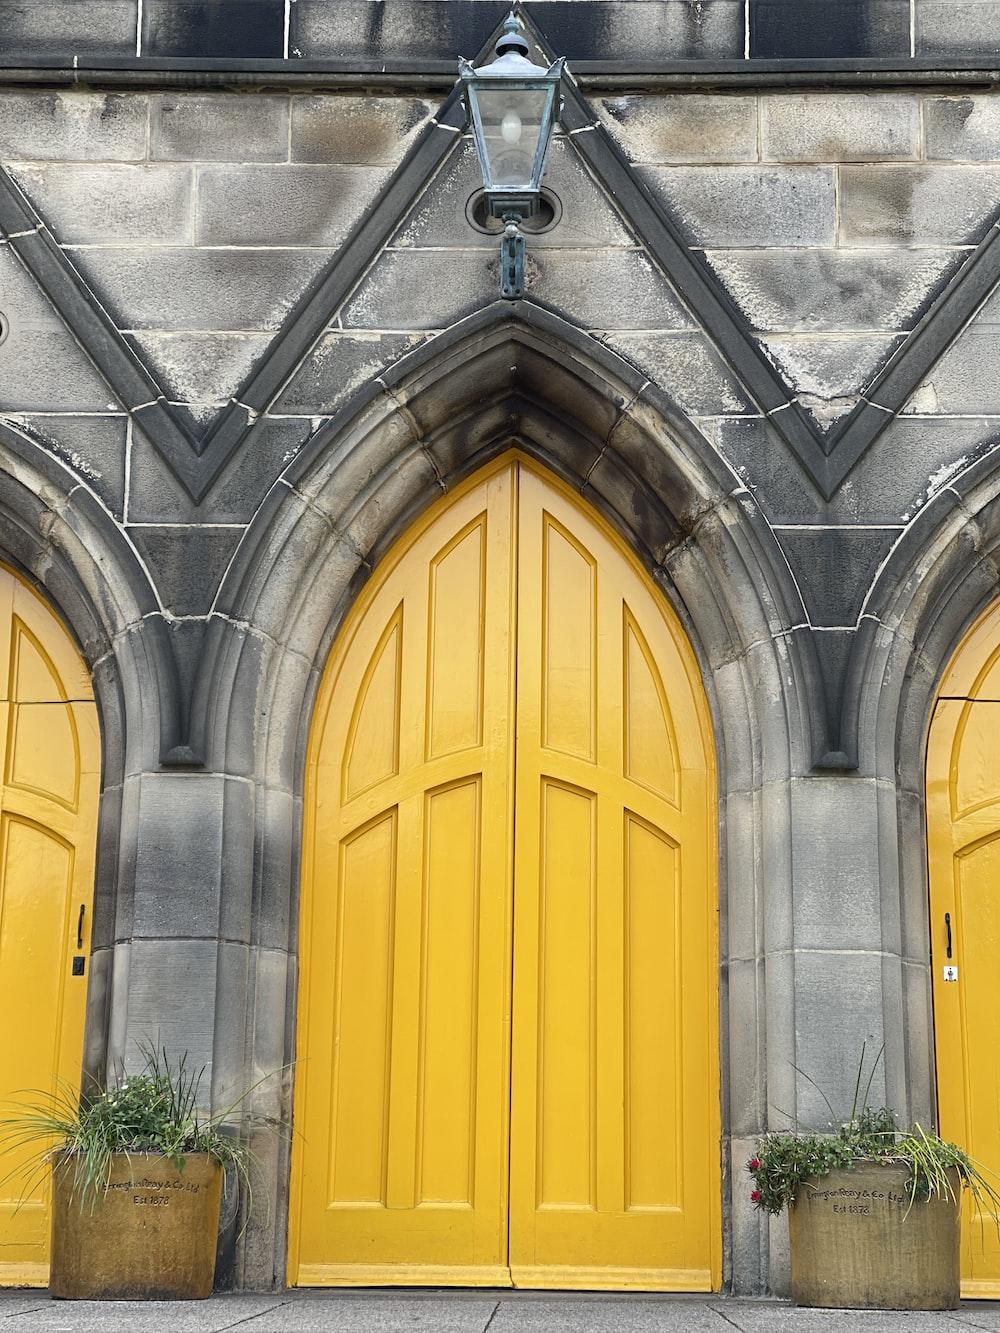 yellow wooden door on gray concrete building